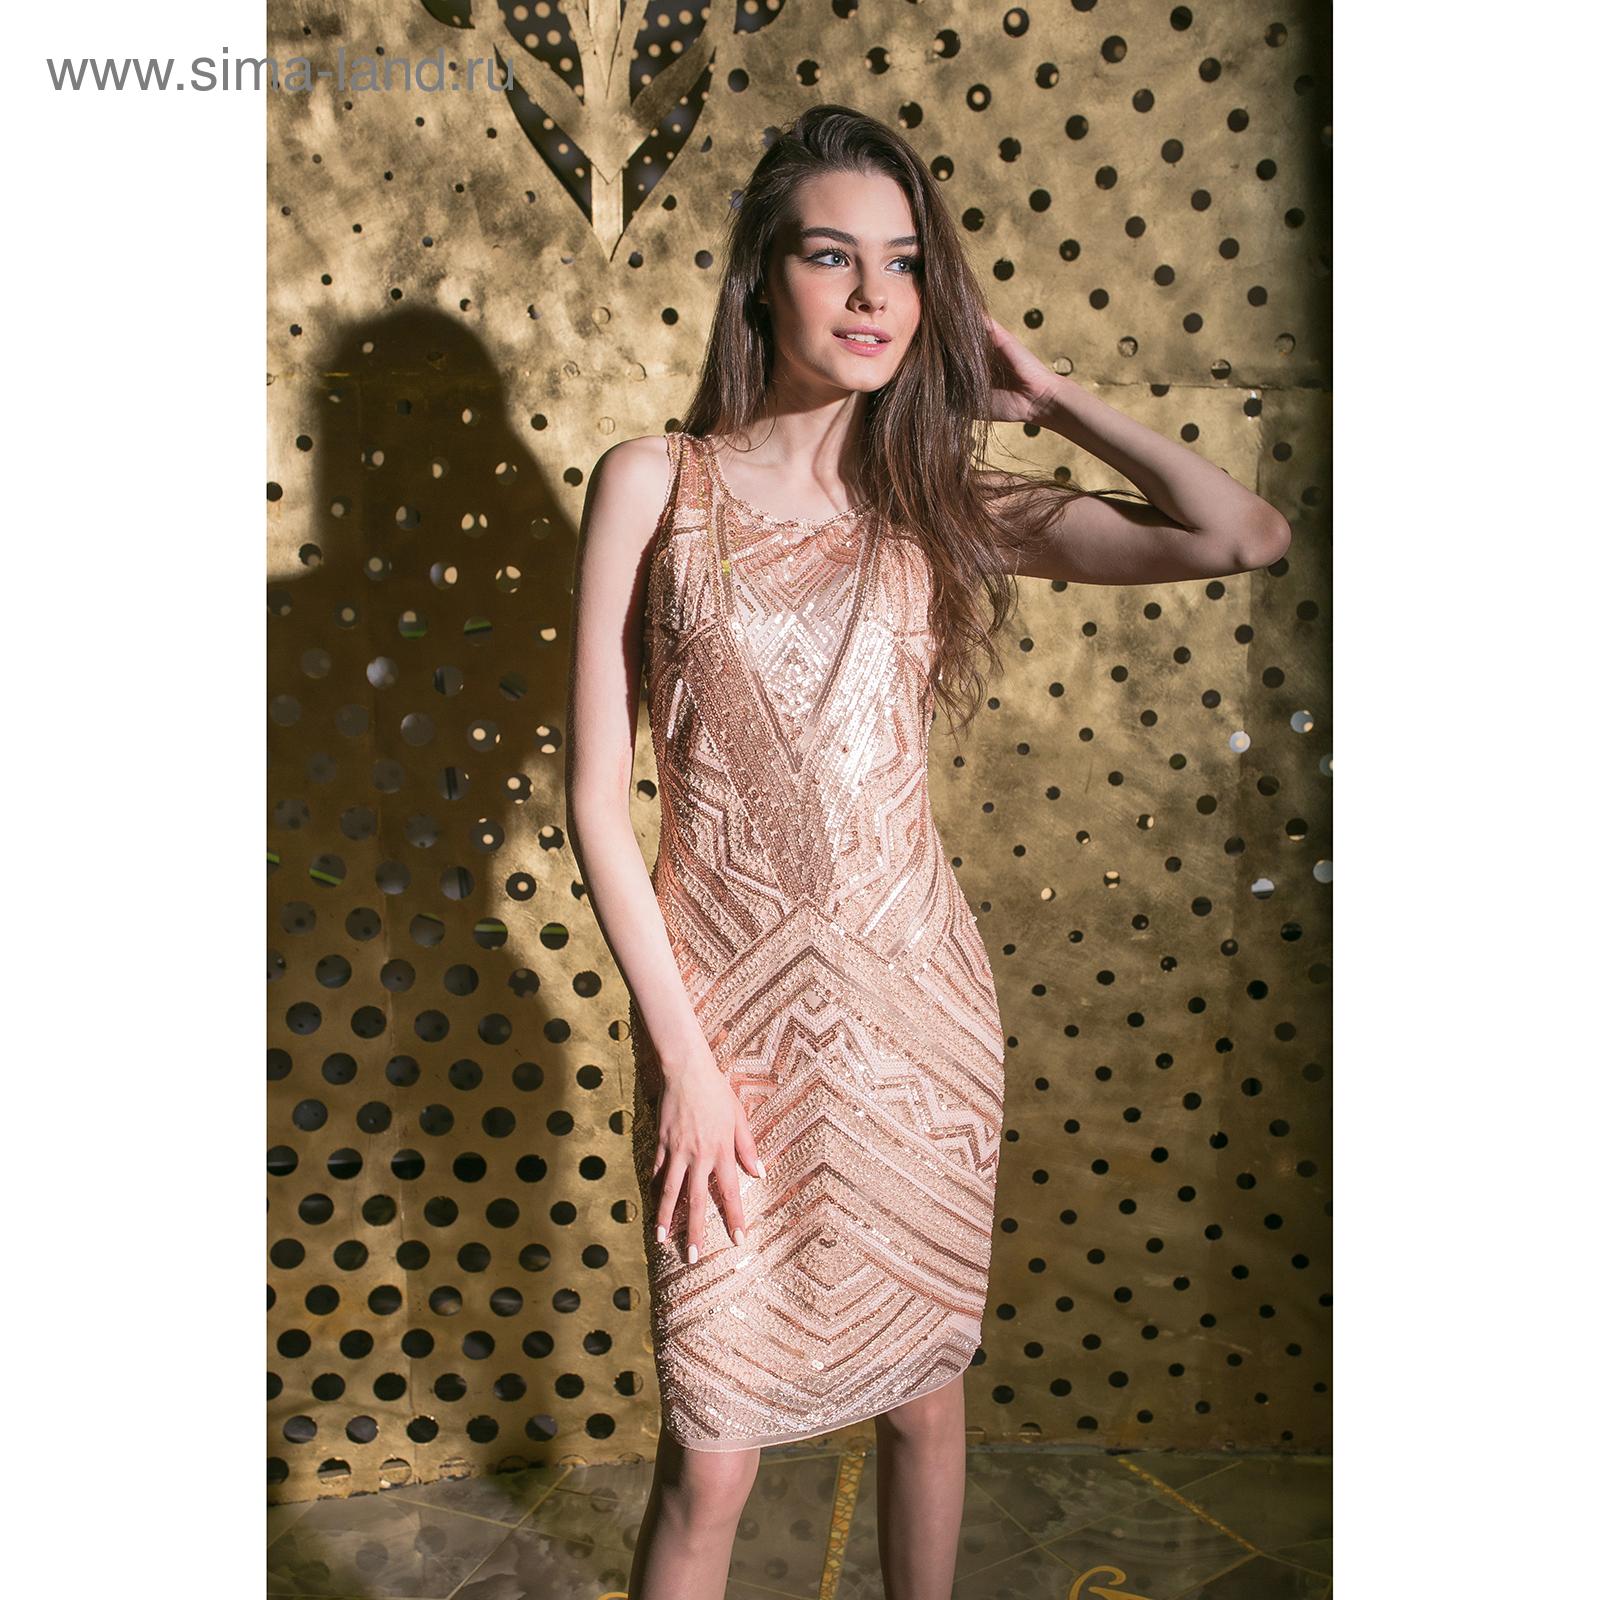 b3110df4041f Платье-футляр с пайетками золото, р.42-44, цв.розовый (3659279 ...